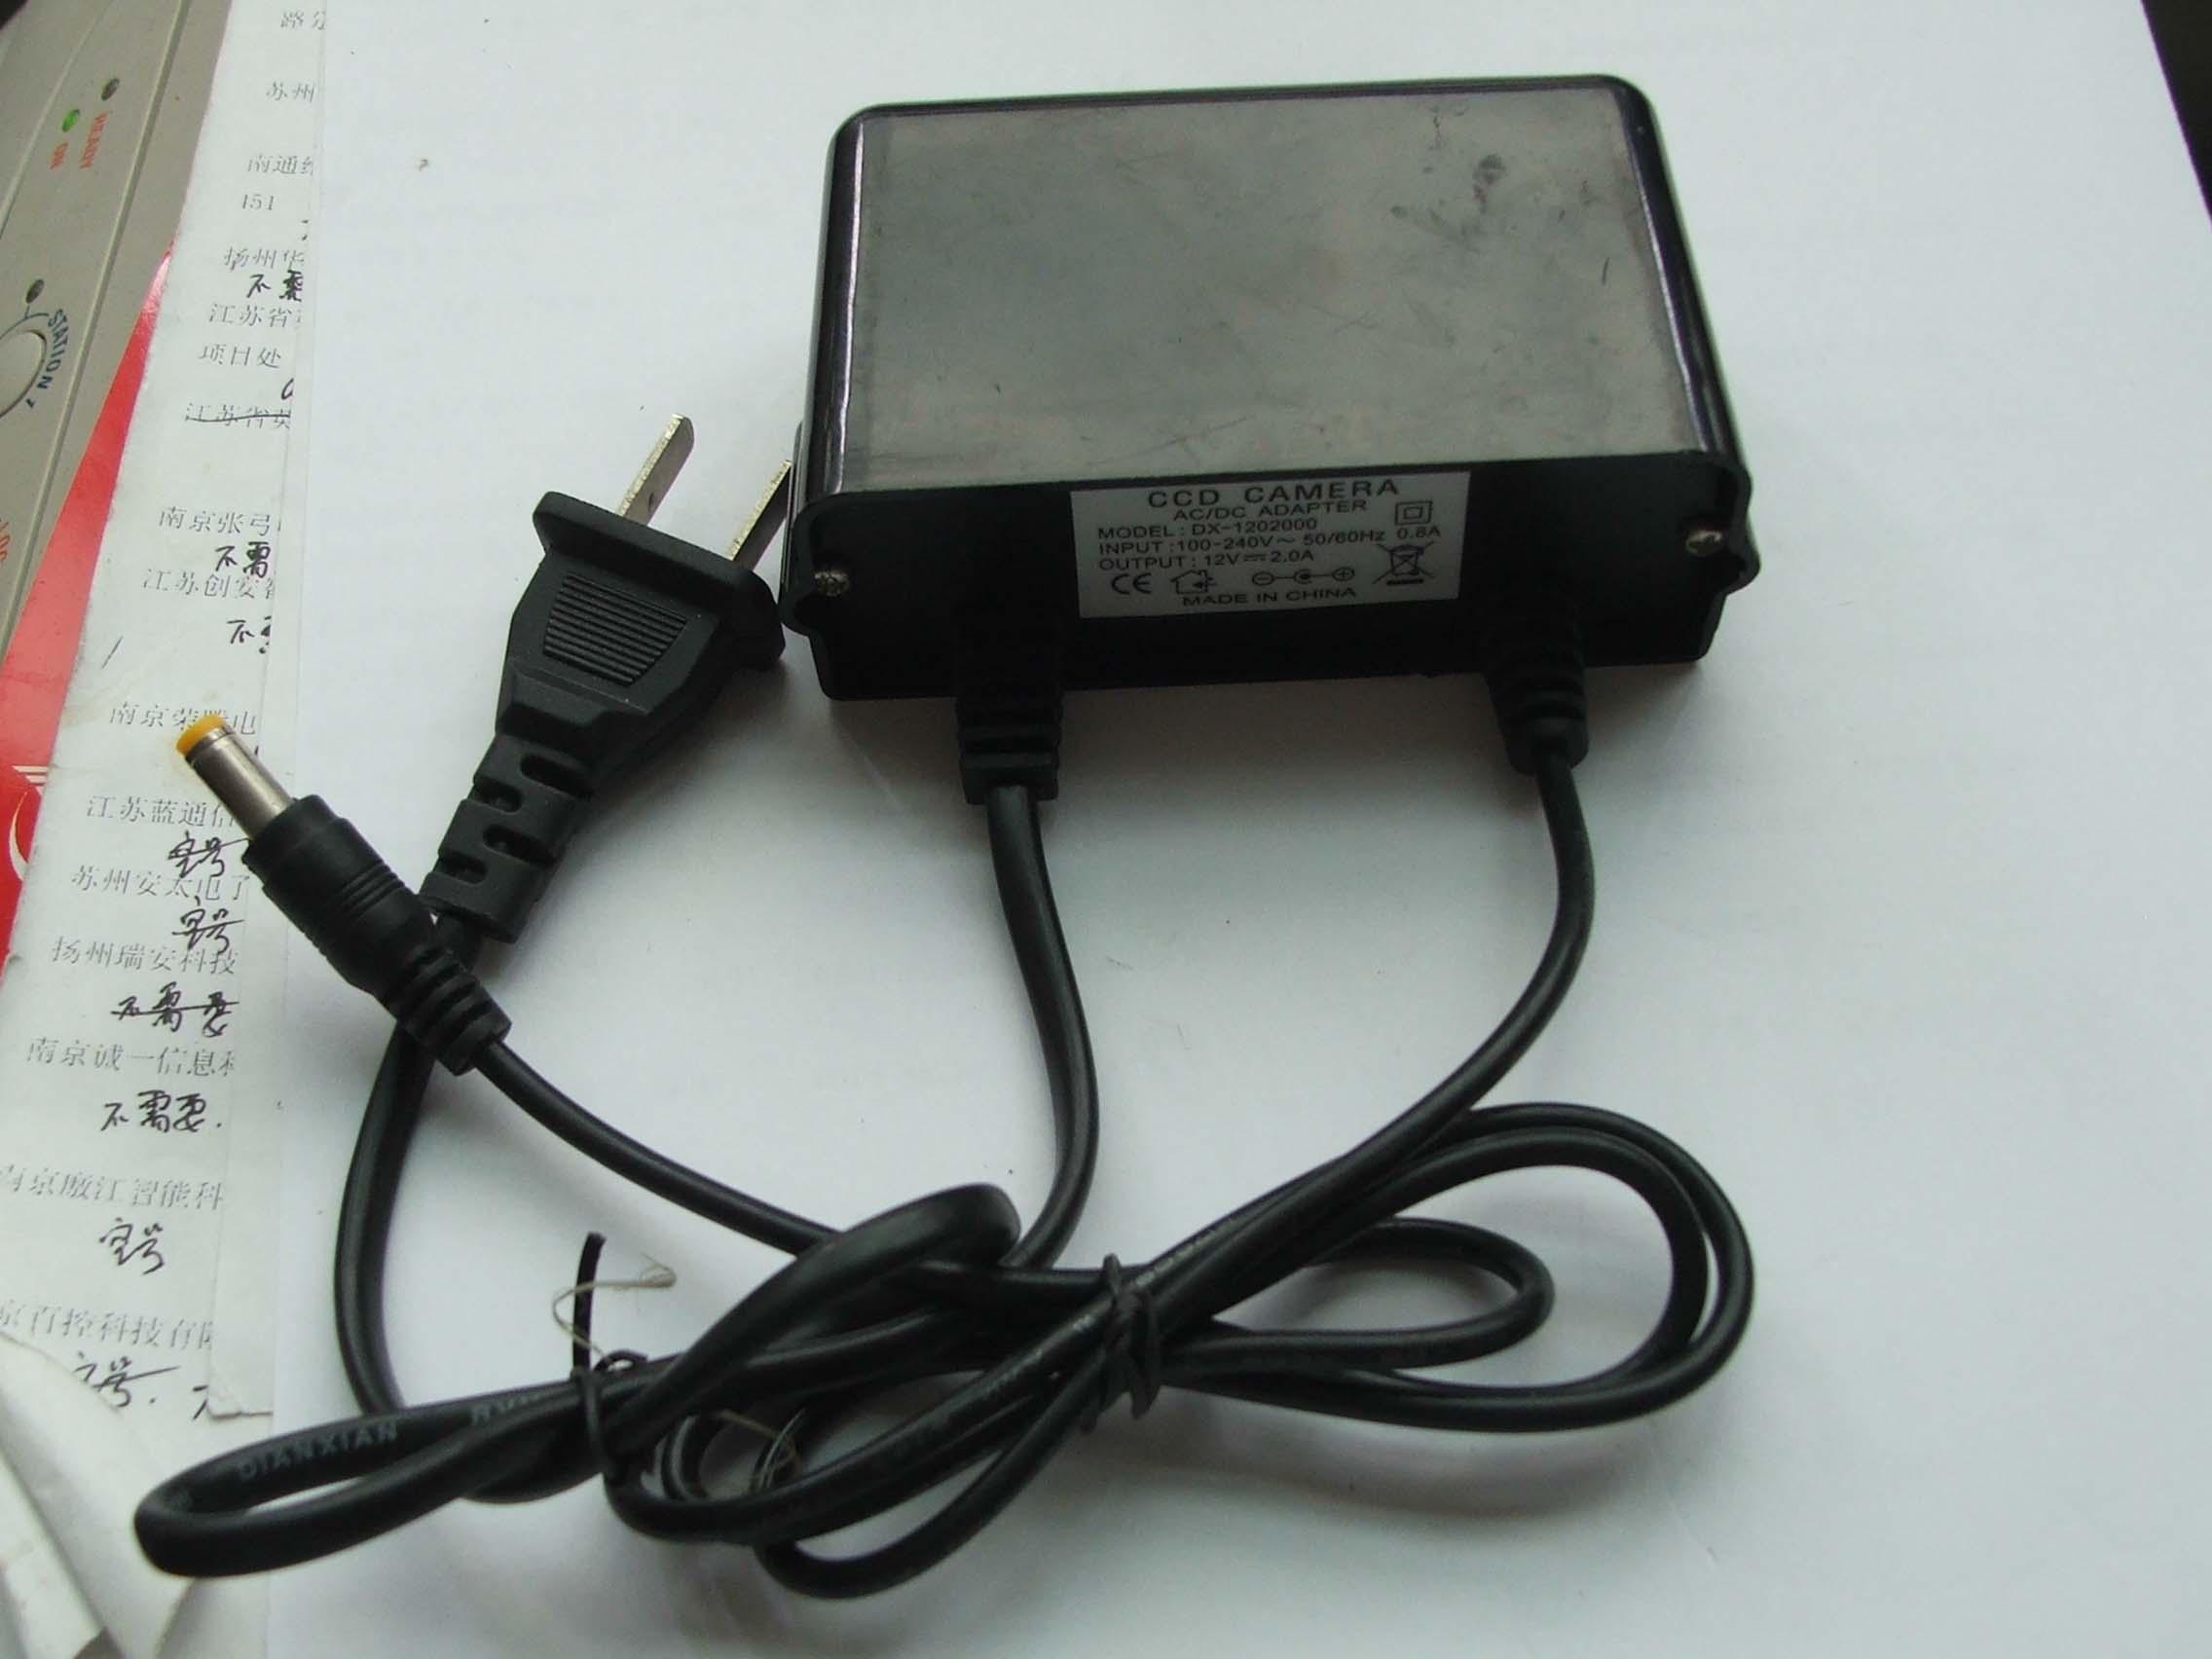 供应12v2a黑色防水电源,监控摄像机电源,防雨电源